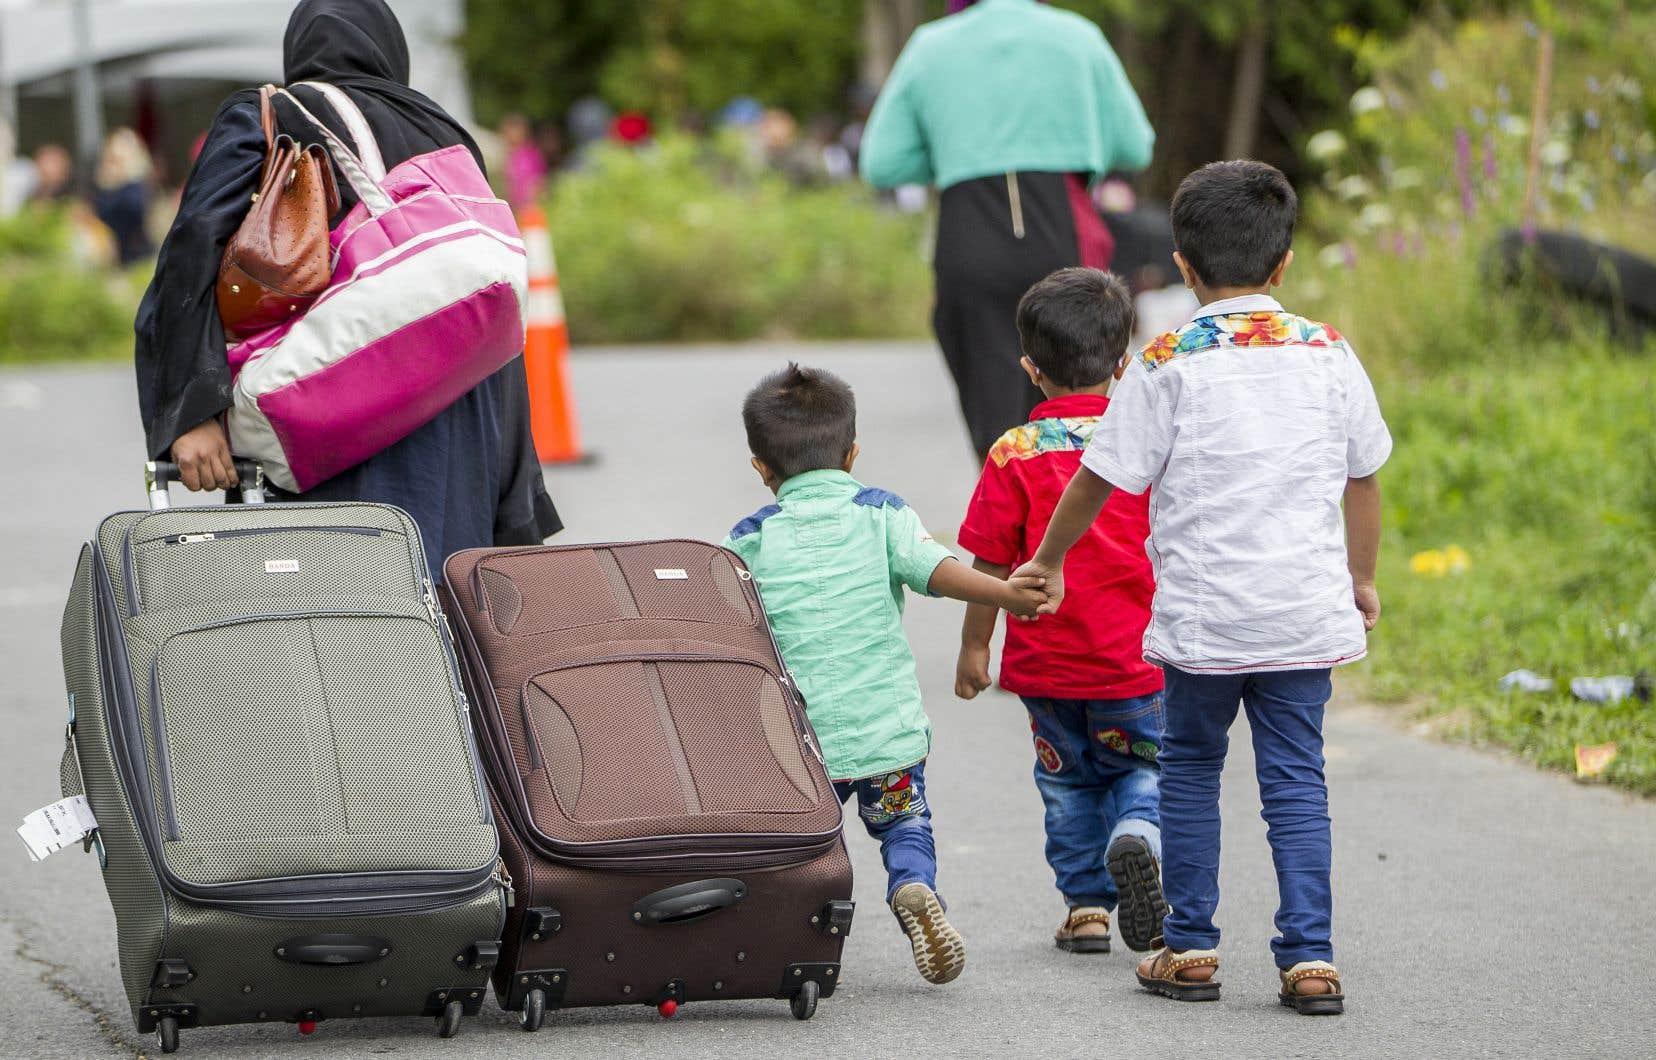 L'entente sur les tiers pays sûrs a notamment eu pour conséquence de favoriser l'entrée de nombreux migrants de manière irrégulière au Québec, via le chemin Roxham, tout près de Lacolle. En entrant au pays de cette manière, les personnes peuvent demander l'asile sans être refoulées.